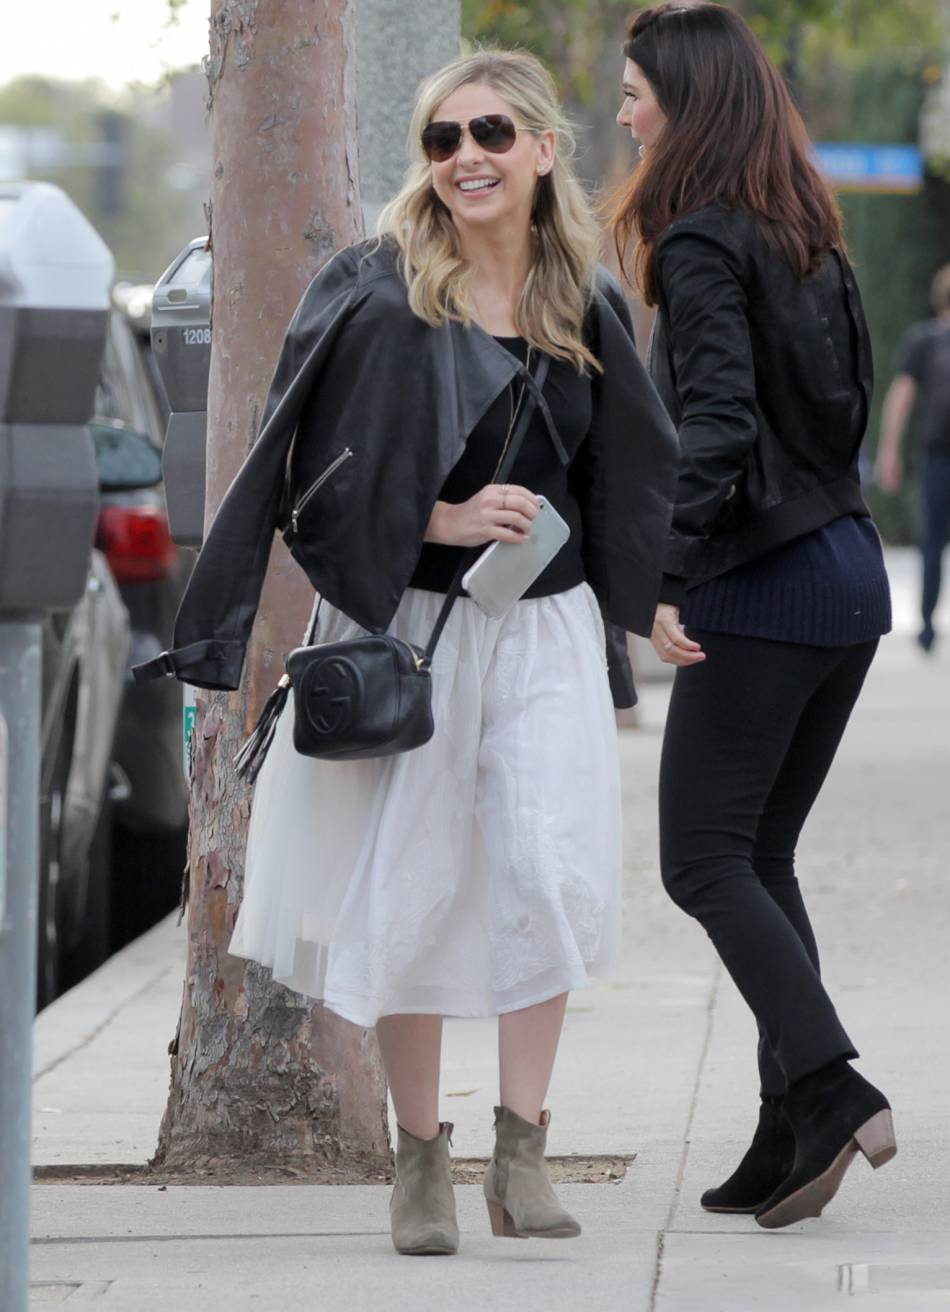 Sarah Michelle Gellar nous inspire avec son interprétation de la jupe en tulle à la Carrie Bradshaw.